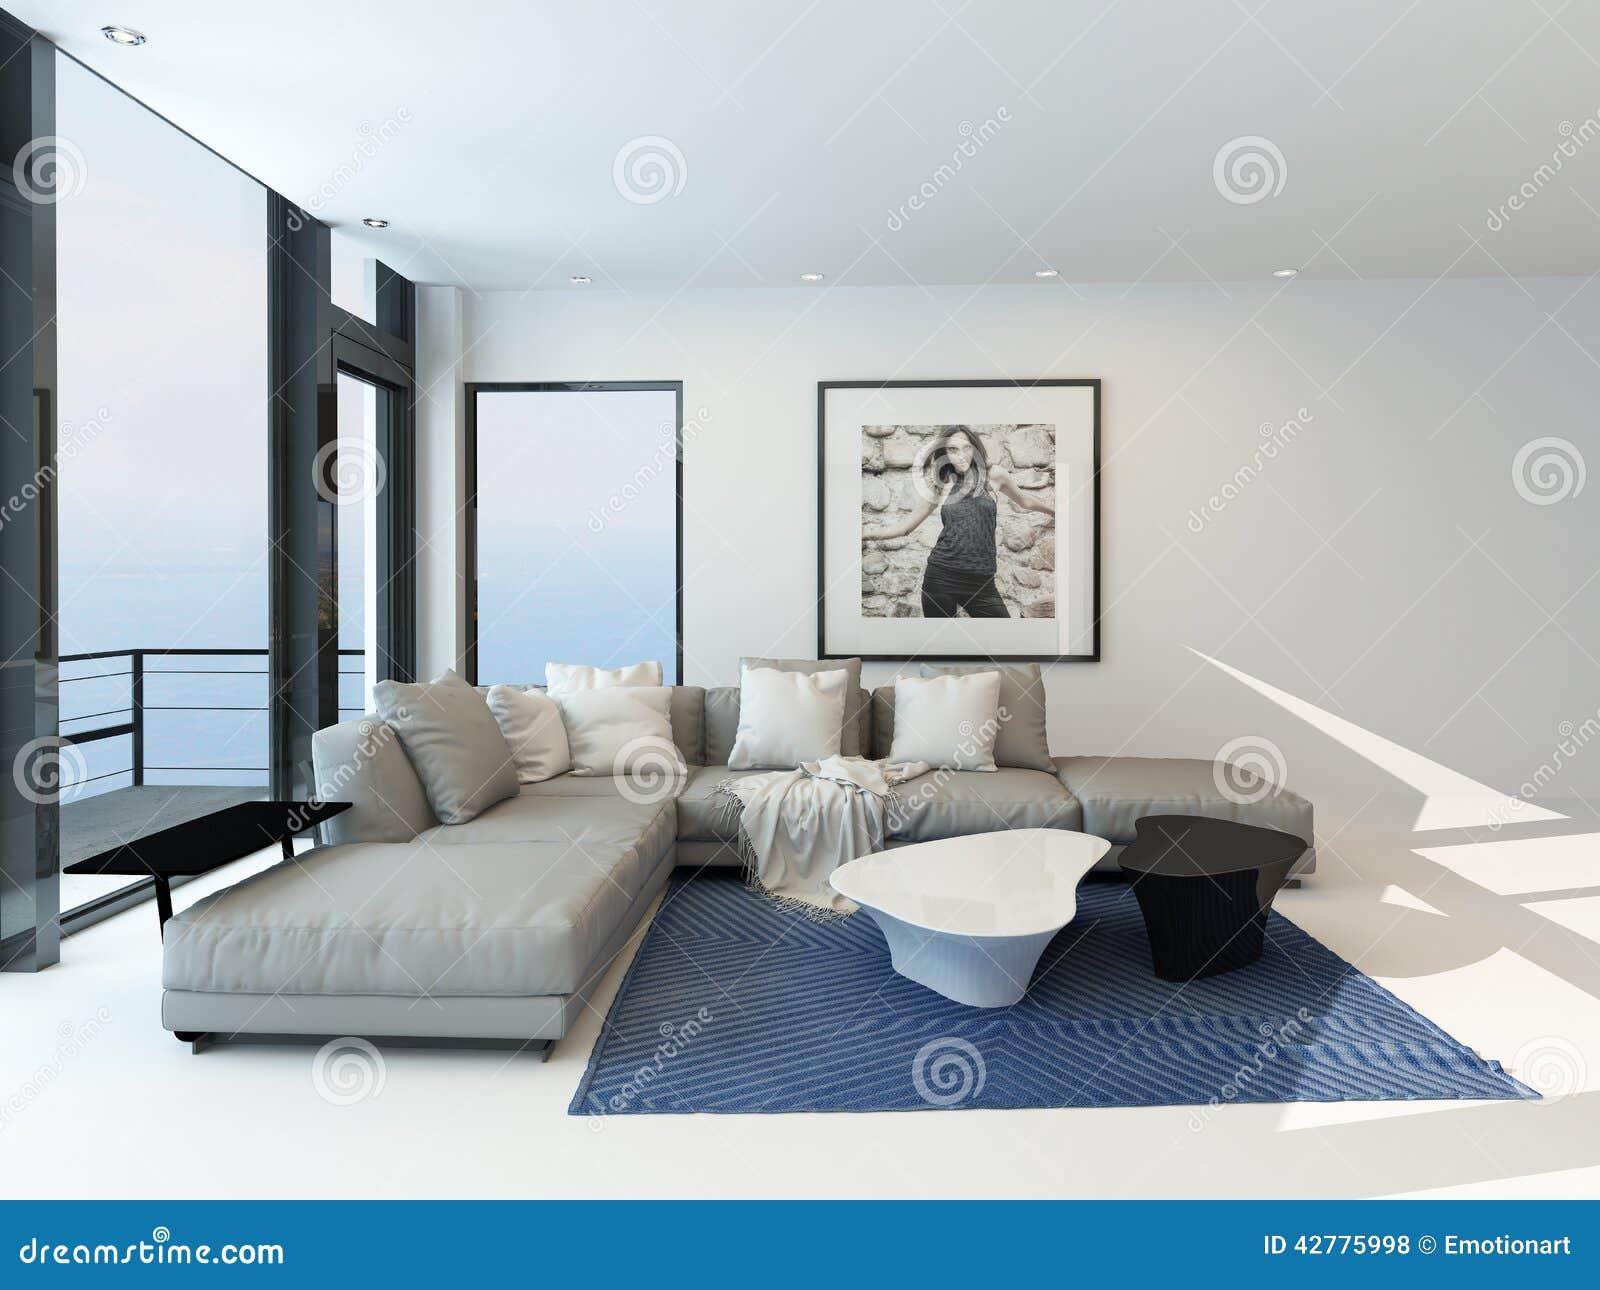 Salon interieur moderne: intérieur de salon moderne images stock ...